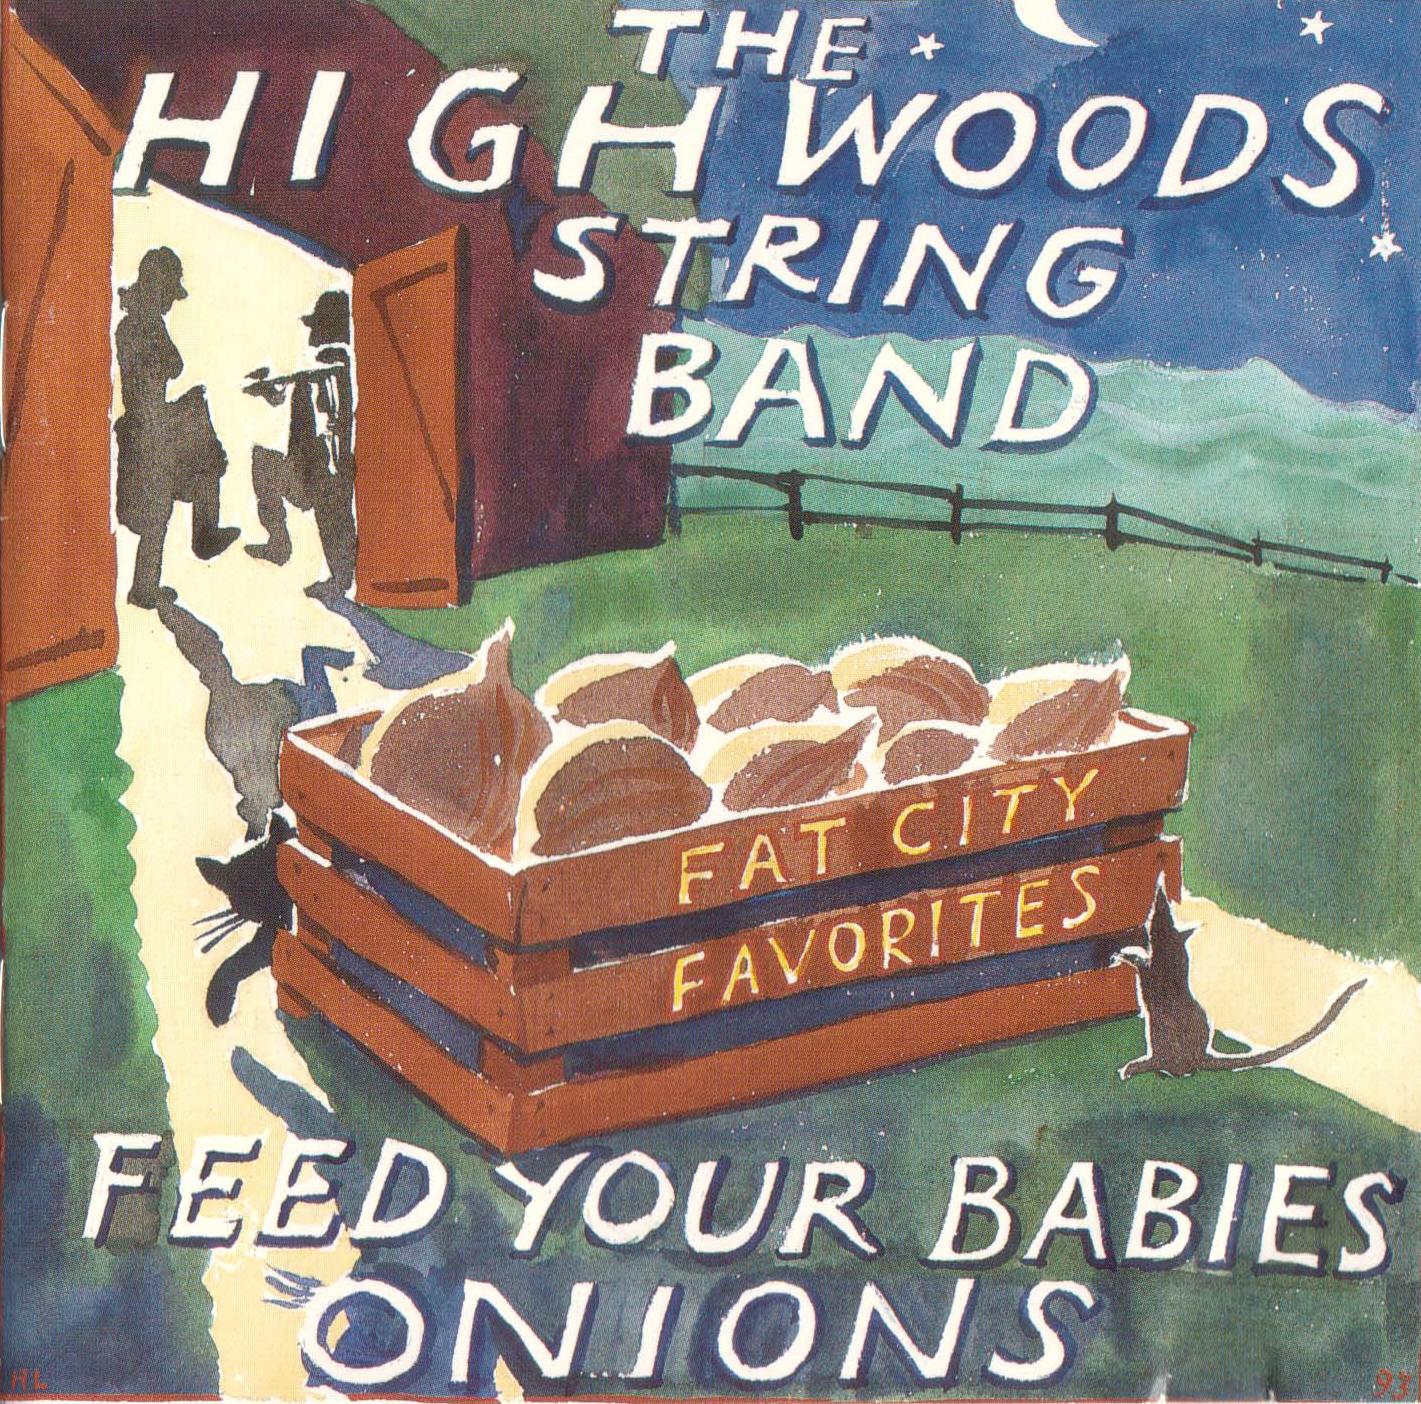 feed your babies onions (dan kun je ze 's nachts tenminste weervinden)...